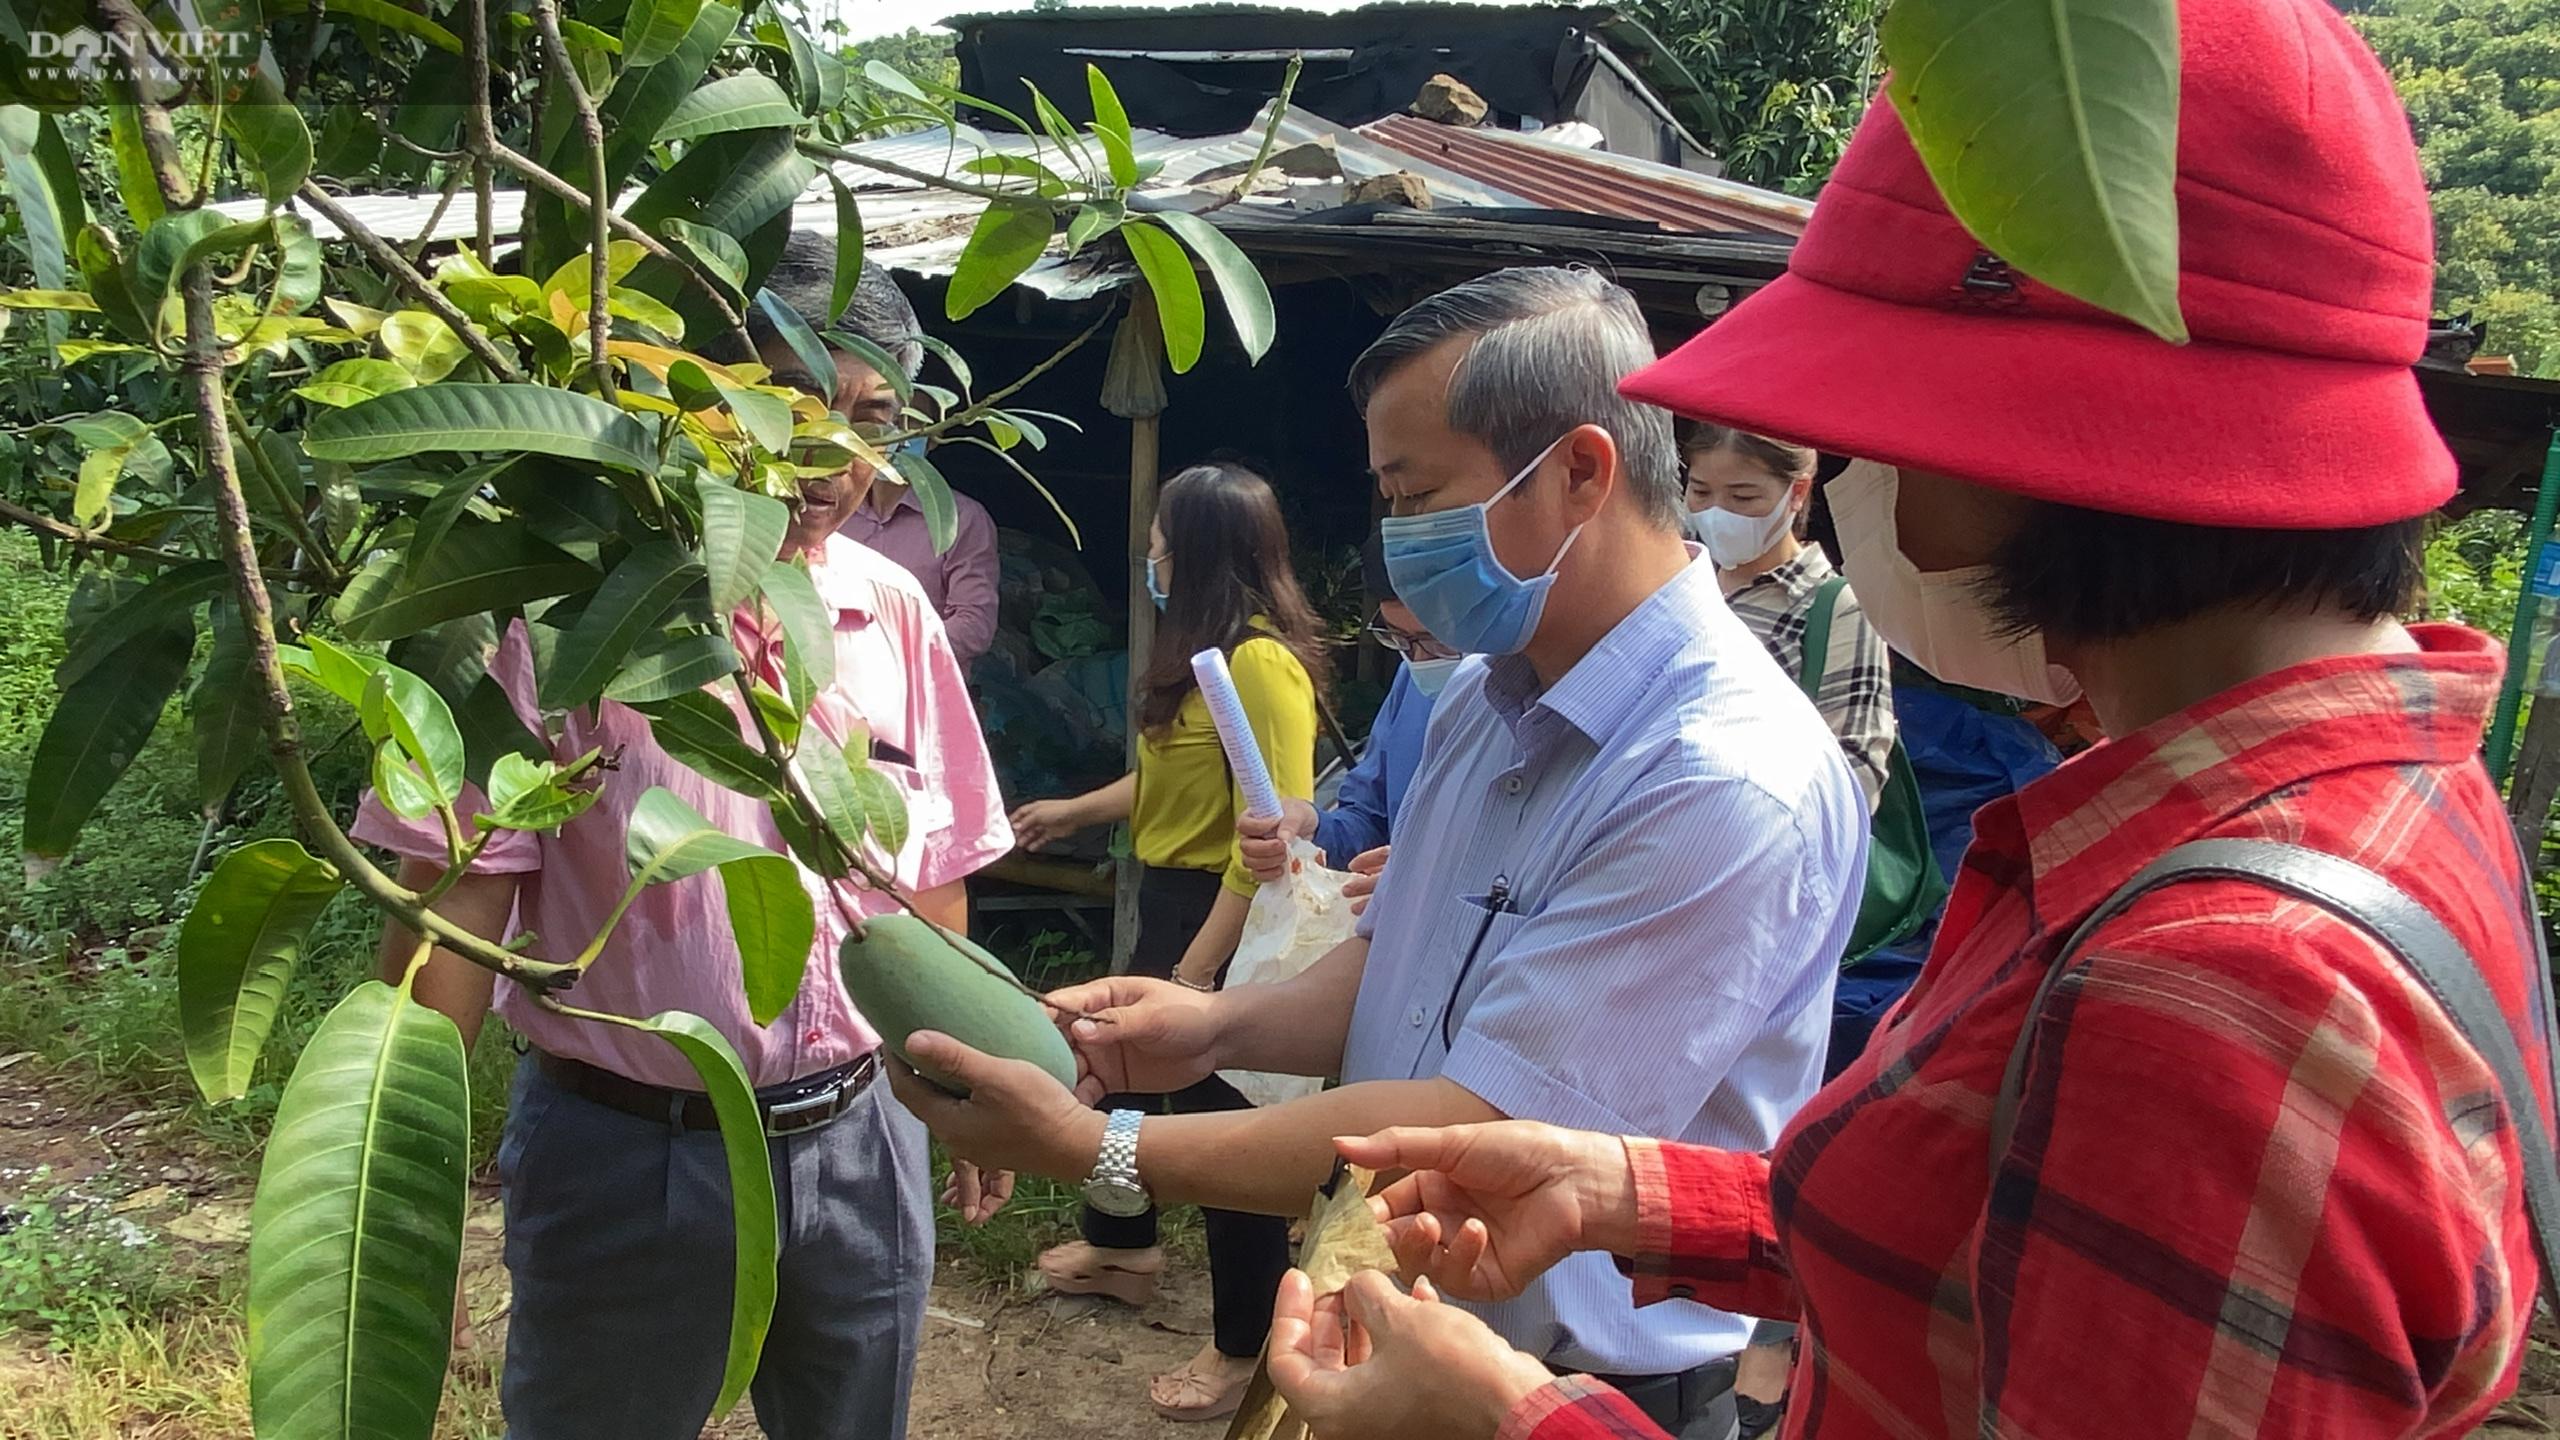 Giá xoài cuối vụ vẫn 4.000 đồng/kg, nhiều nhà vườn vứt xoài la liệt dưới gốc cây - Ảnh 3.